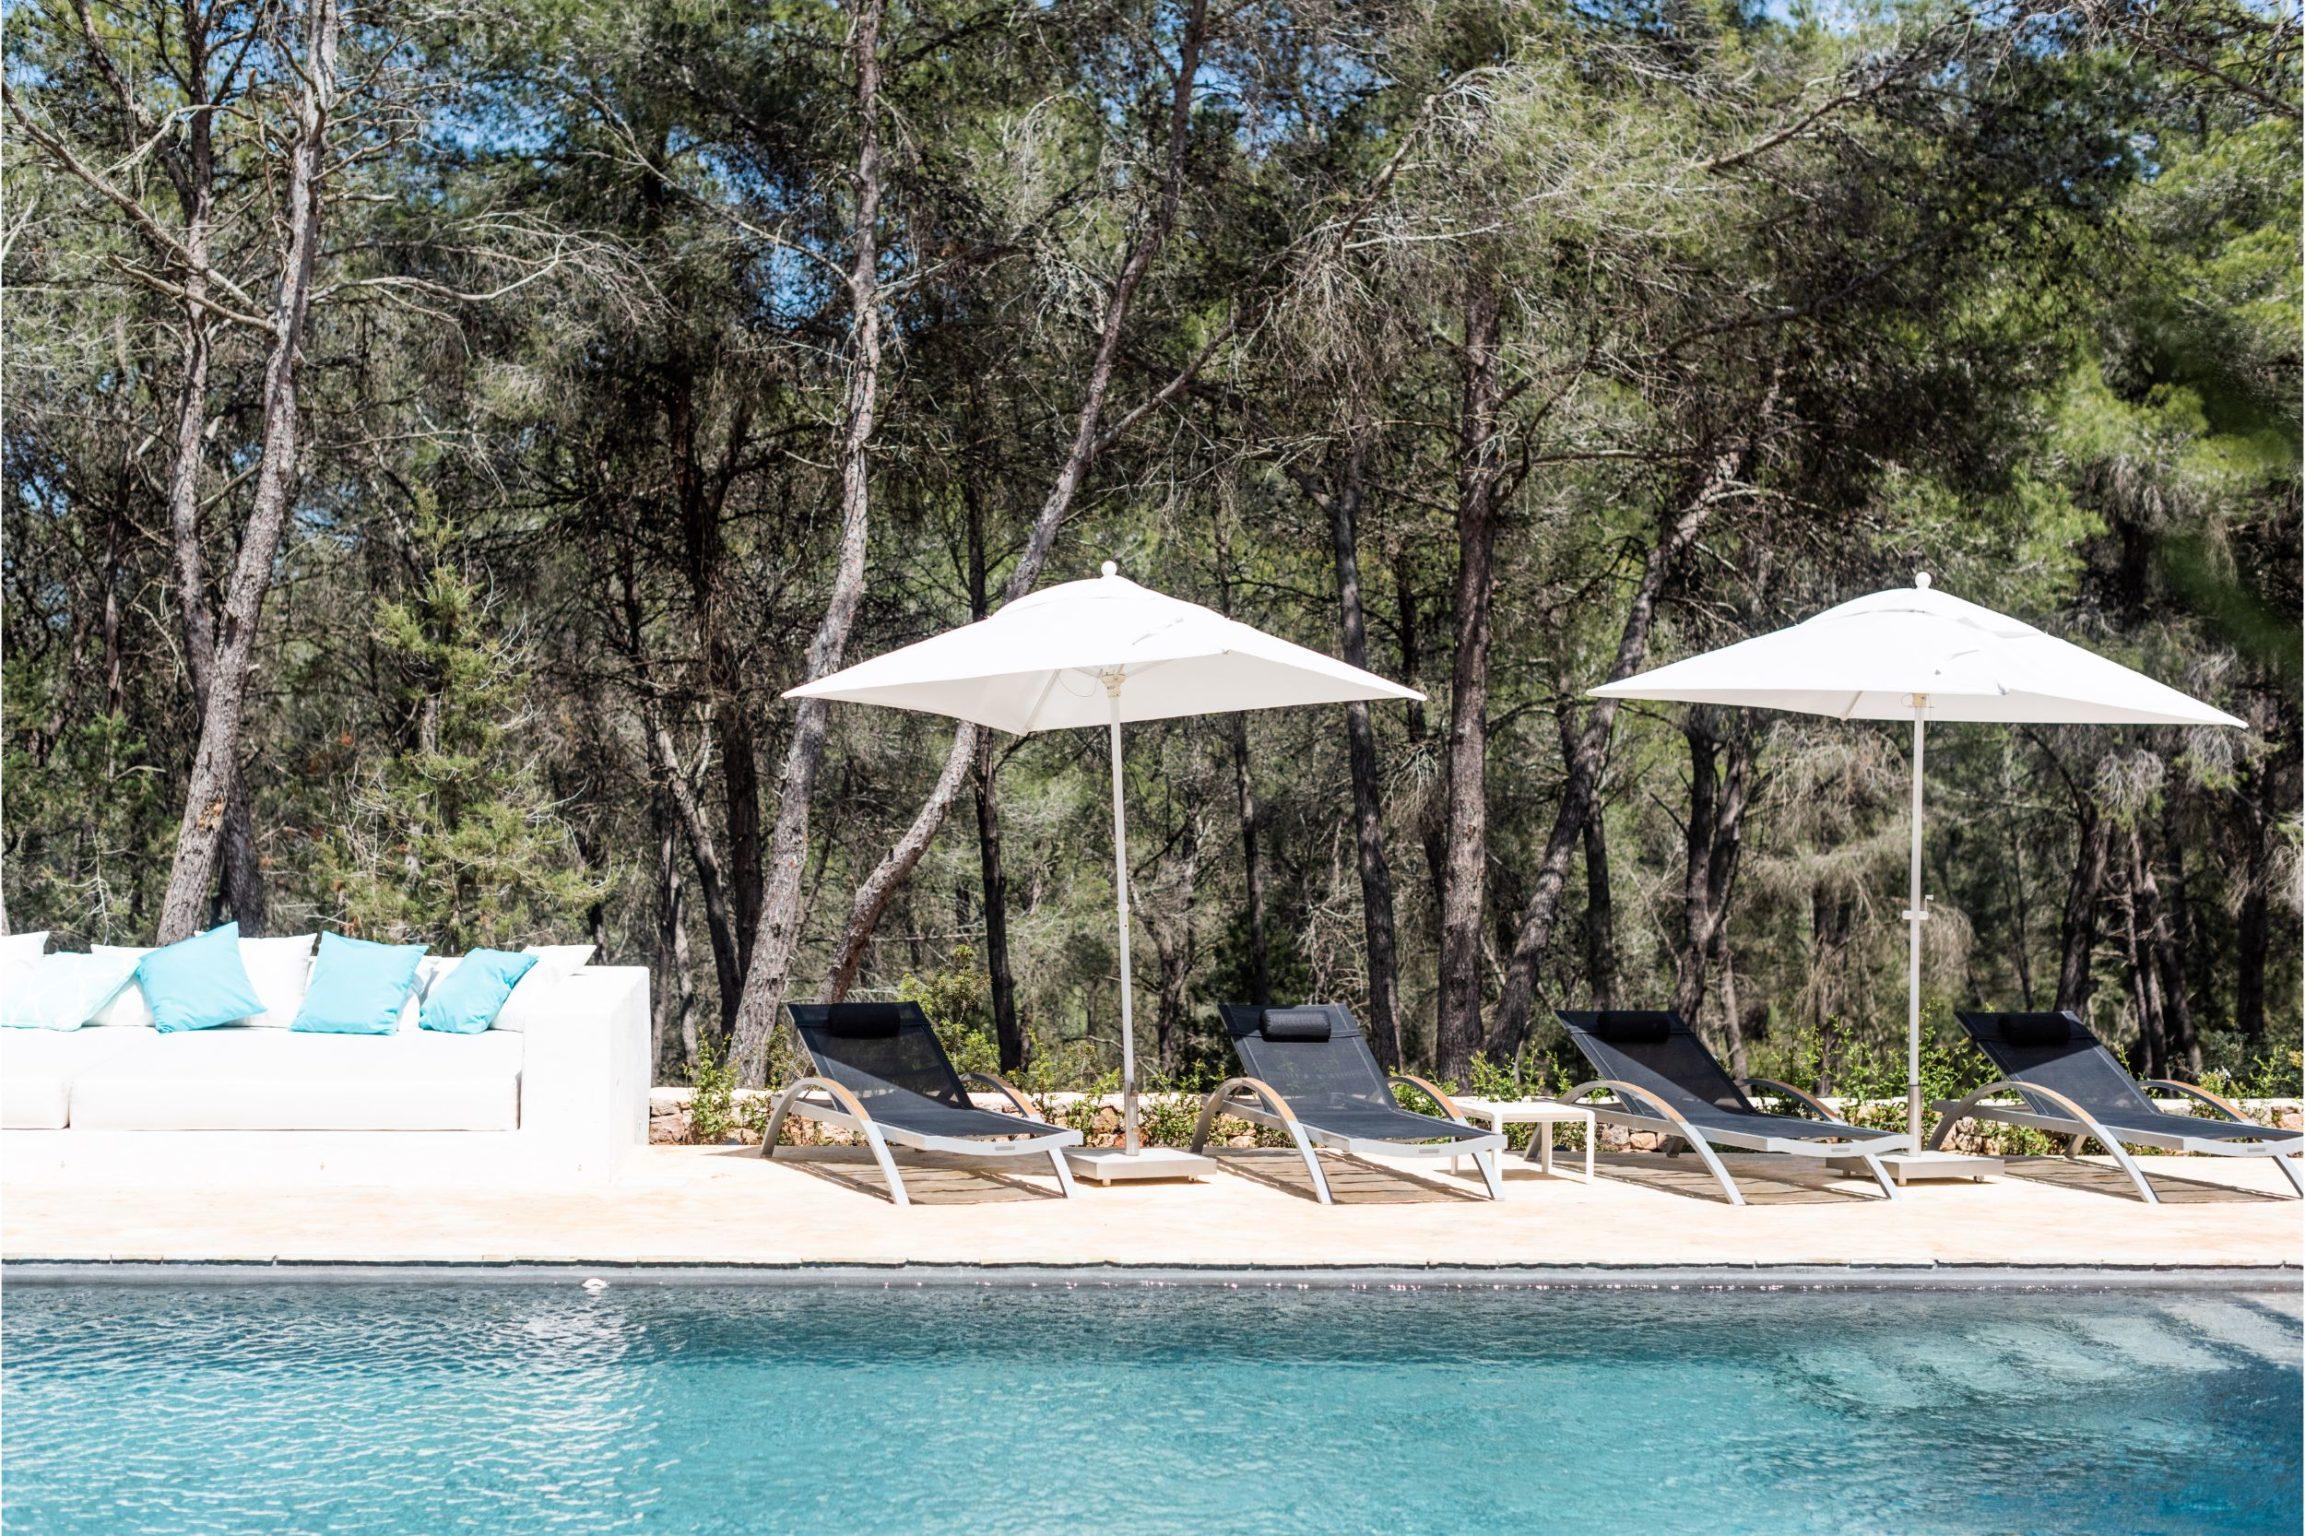 white-ibiza-villas-can-terra-outdoors